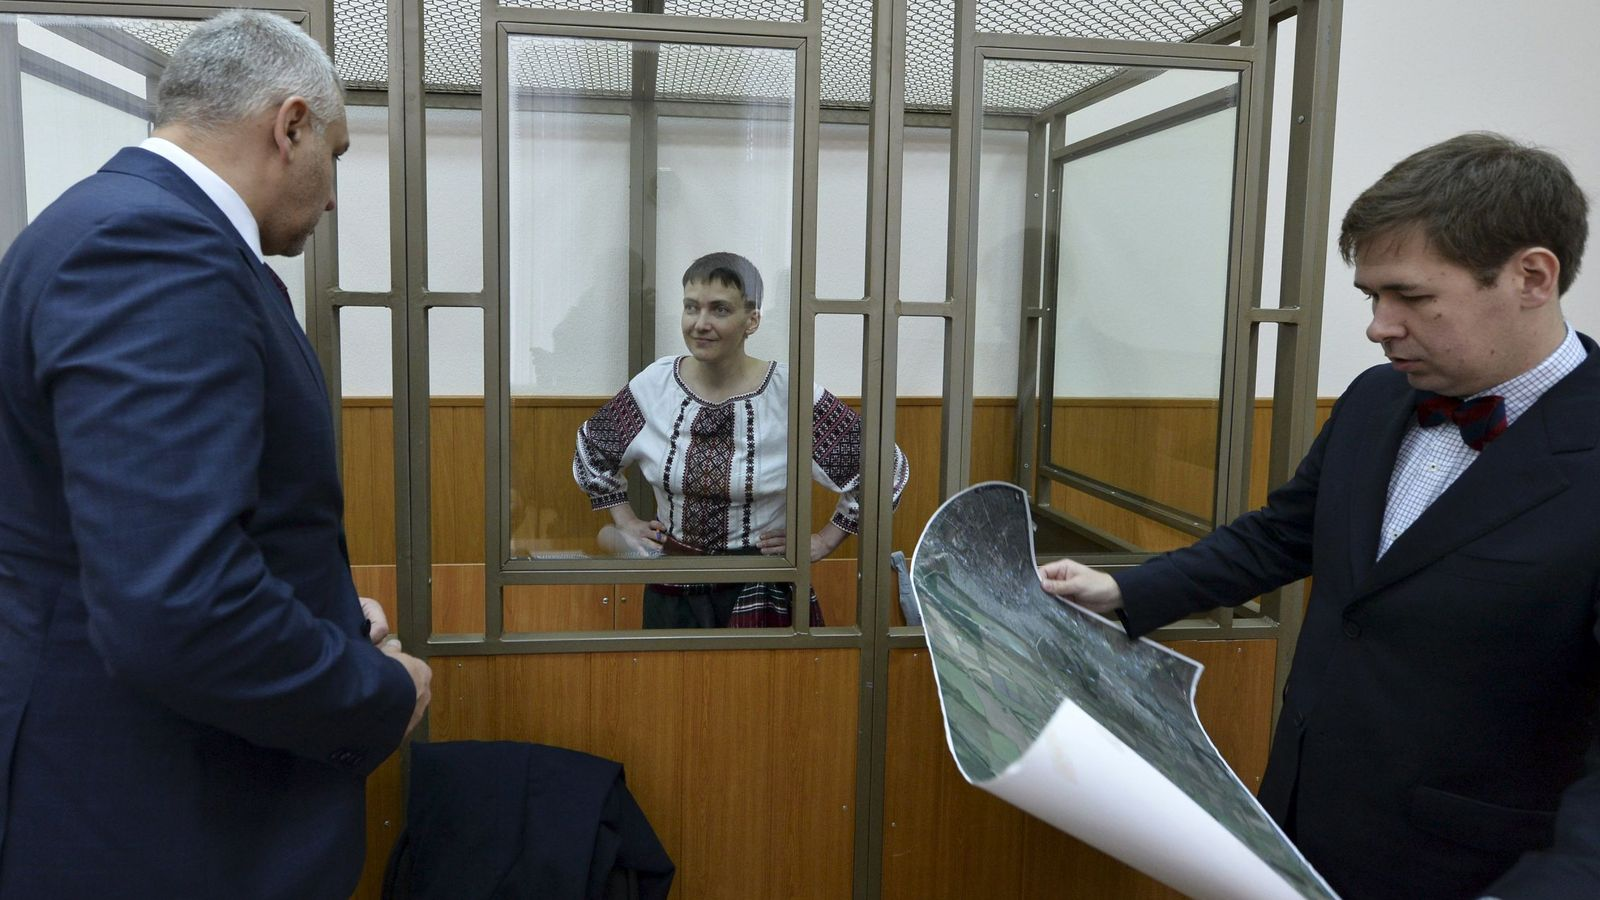 Foto: Nadia Savchenko escucha a sus abogados durante una sesión de su juicio en Rusia, en marzo de 2016 (Reuters)